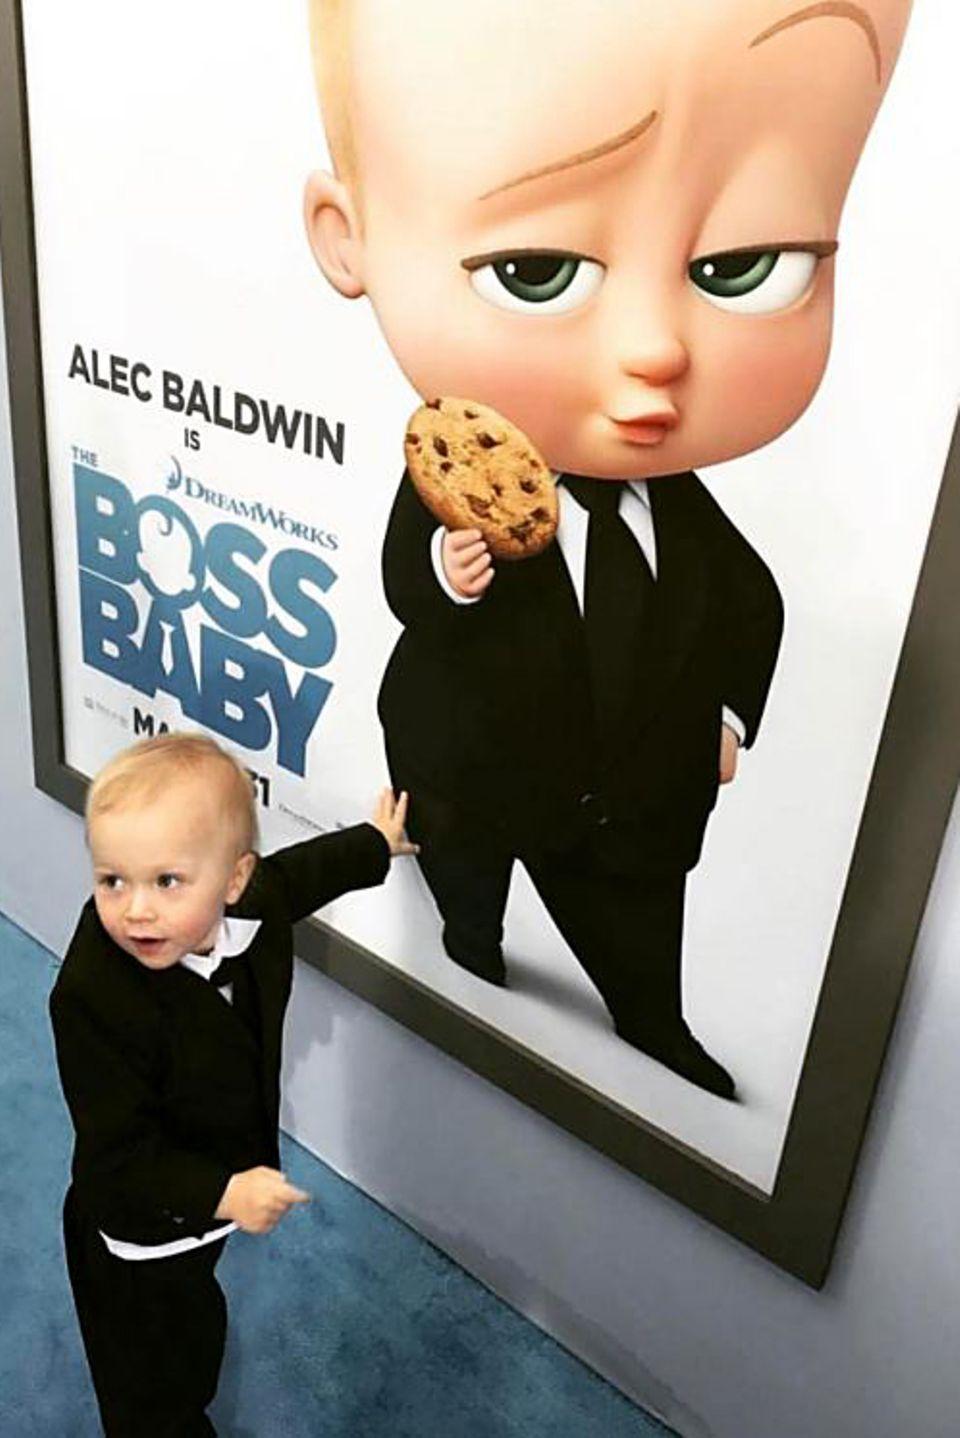 """21. März 2017  Papa schau mal, das bin ja ich auf dem Plakat, scheint Rafael Papa zuzurufen. Die Ähnlichkeit ist nicht von der Hand zu weisen. Und die Tatsache, dassAlec Baldwin seine Stimme dem """"Boss Baby"""" verleiht, unterstreicht die Verwandtschaft."""